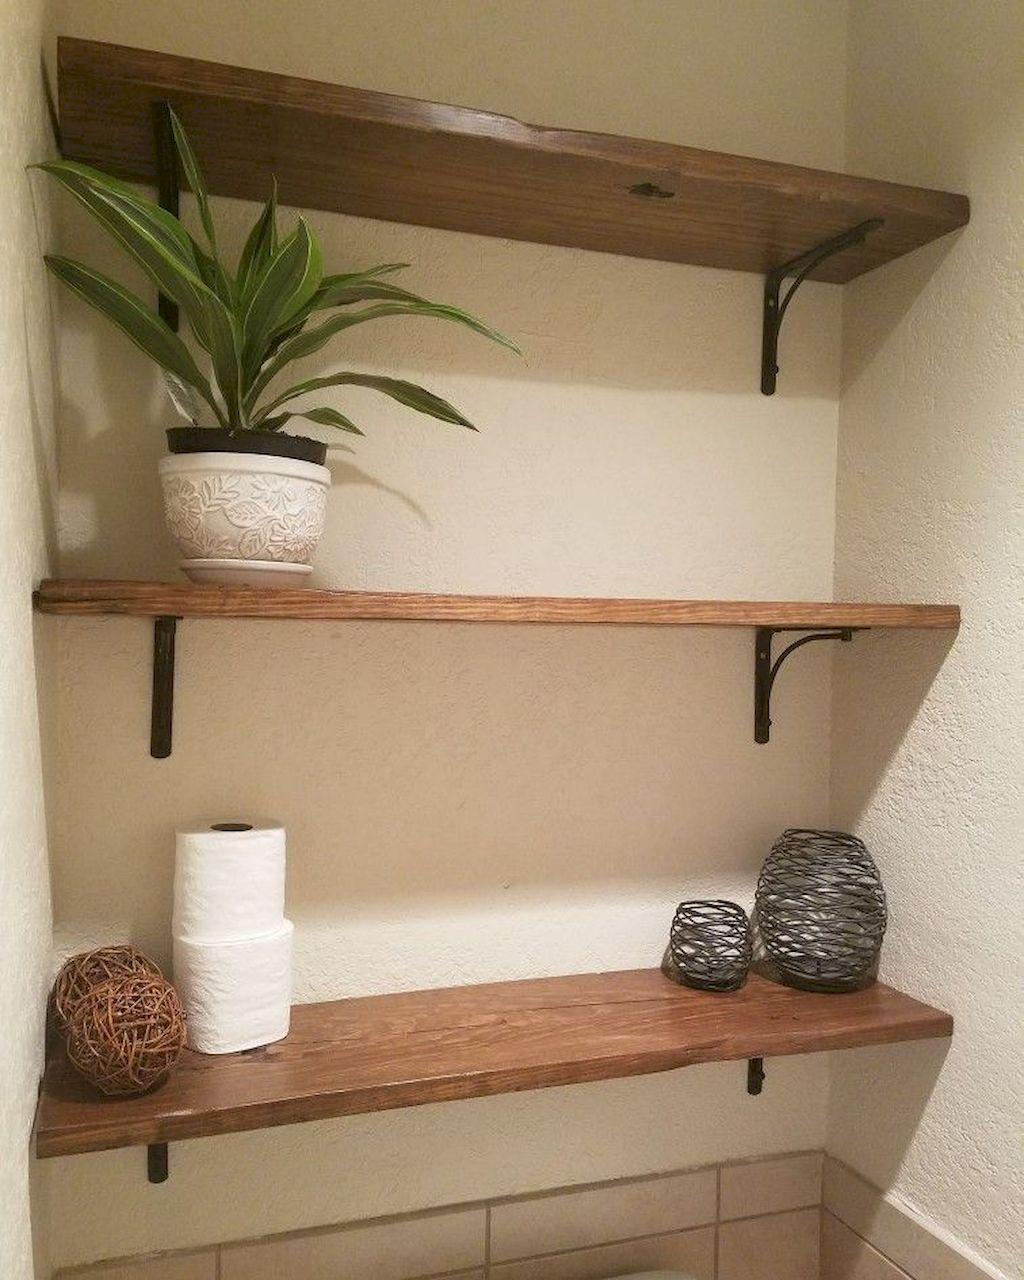 35 Diy Bathroom Shelf Ideas From Wood Pallets Toilet Shelves Bathroom Shelf Decor Simple Bathroom